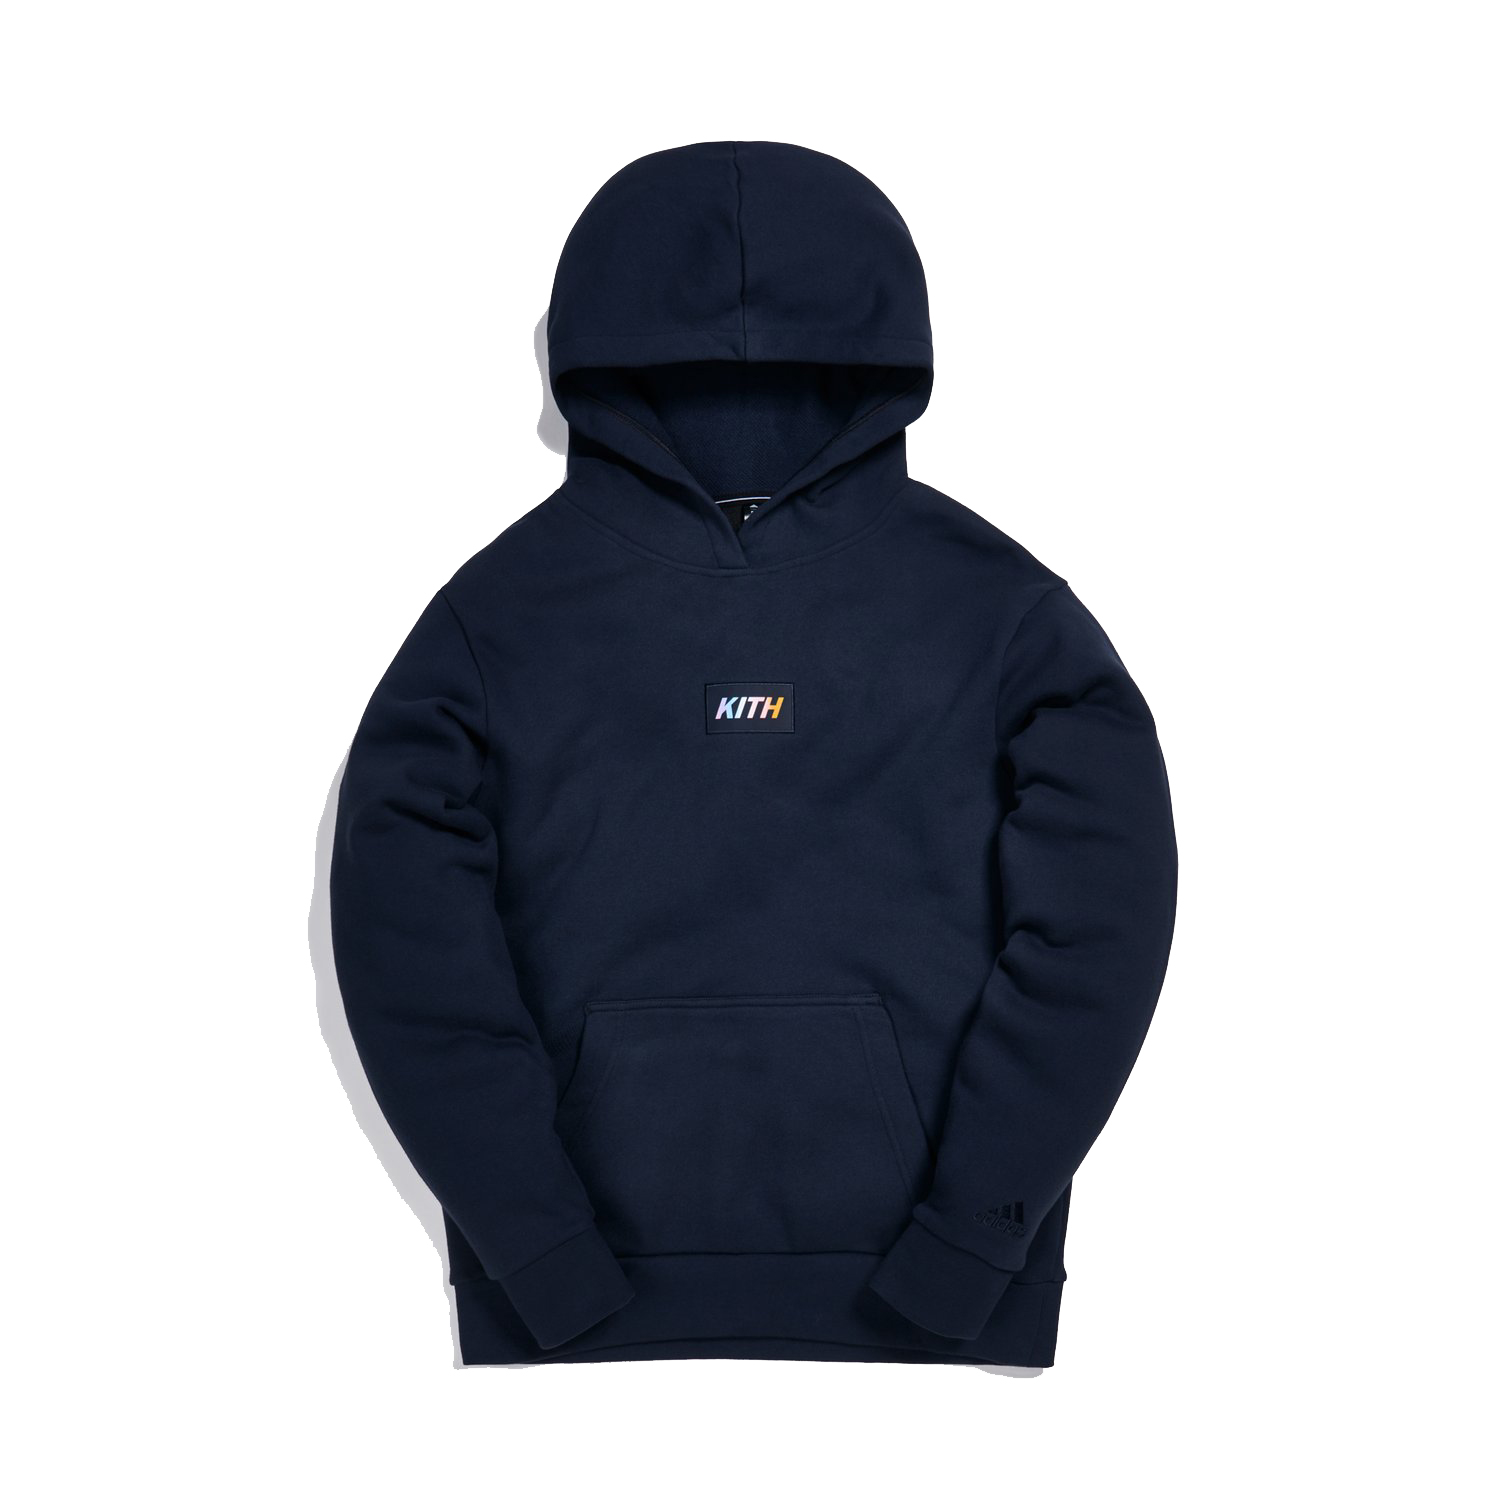 adidas hoodie navy